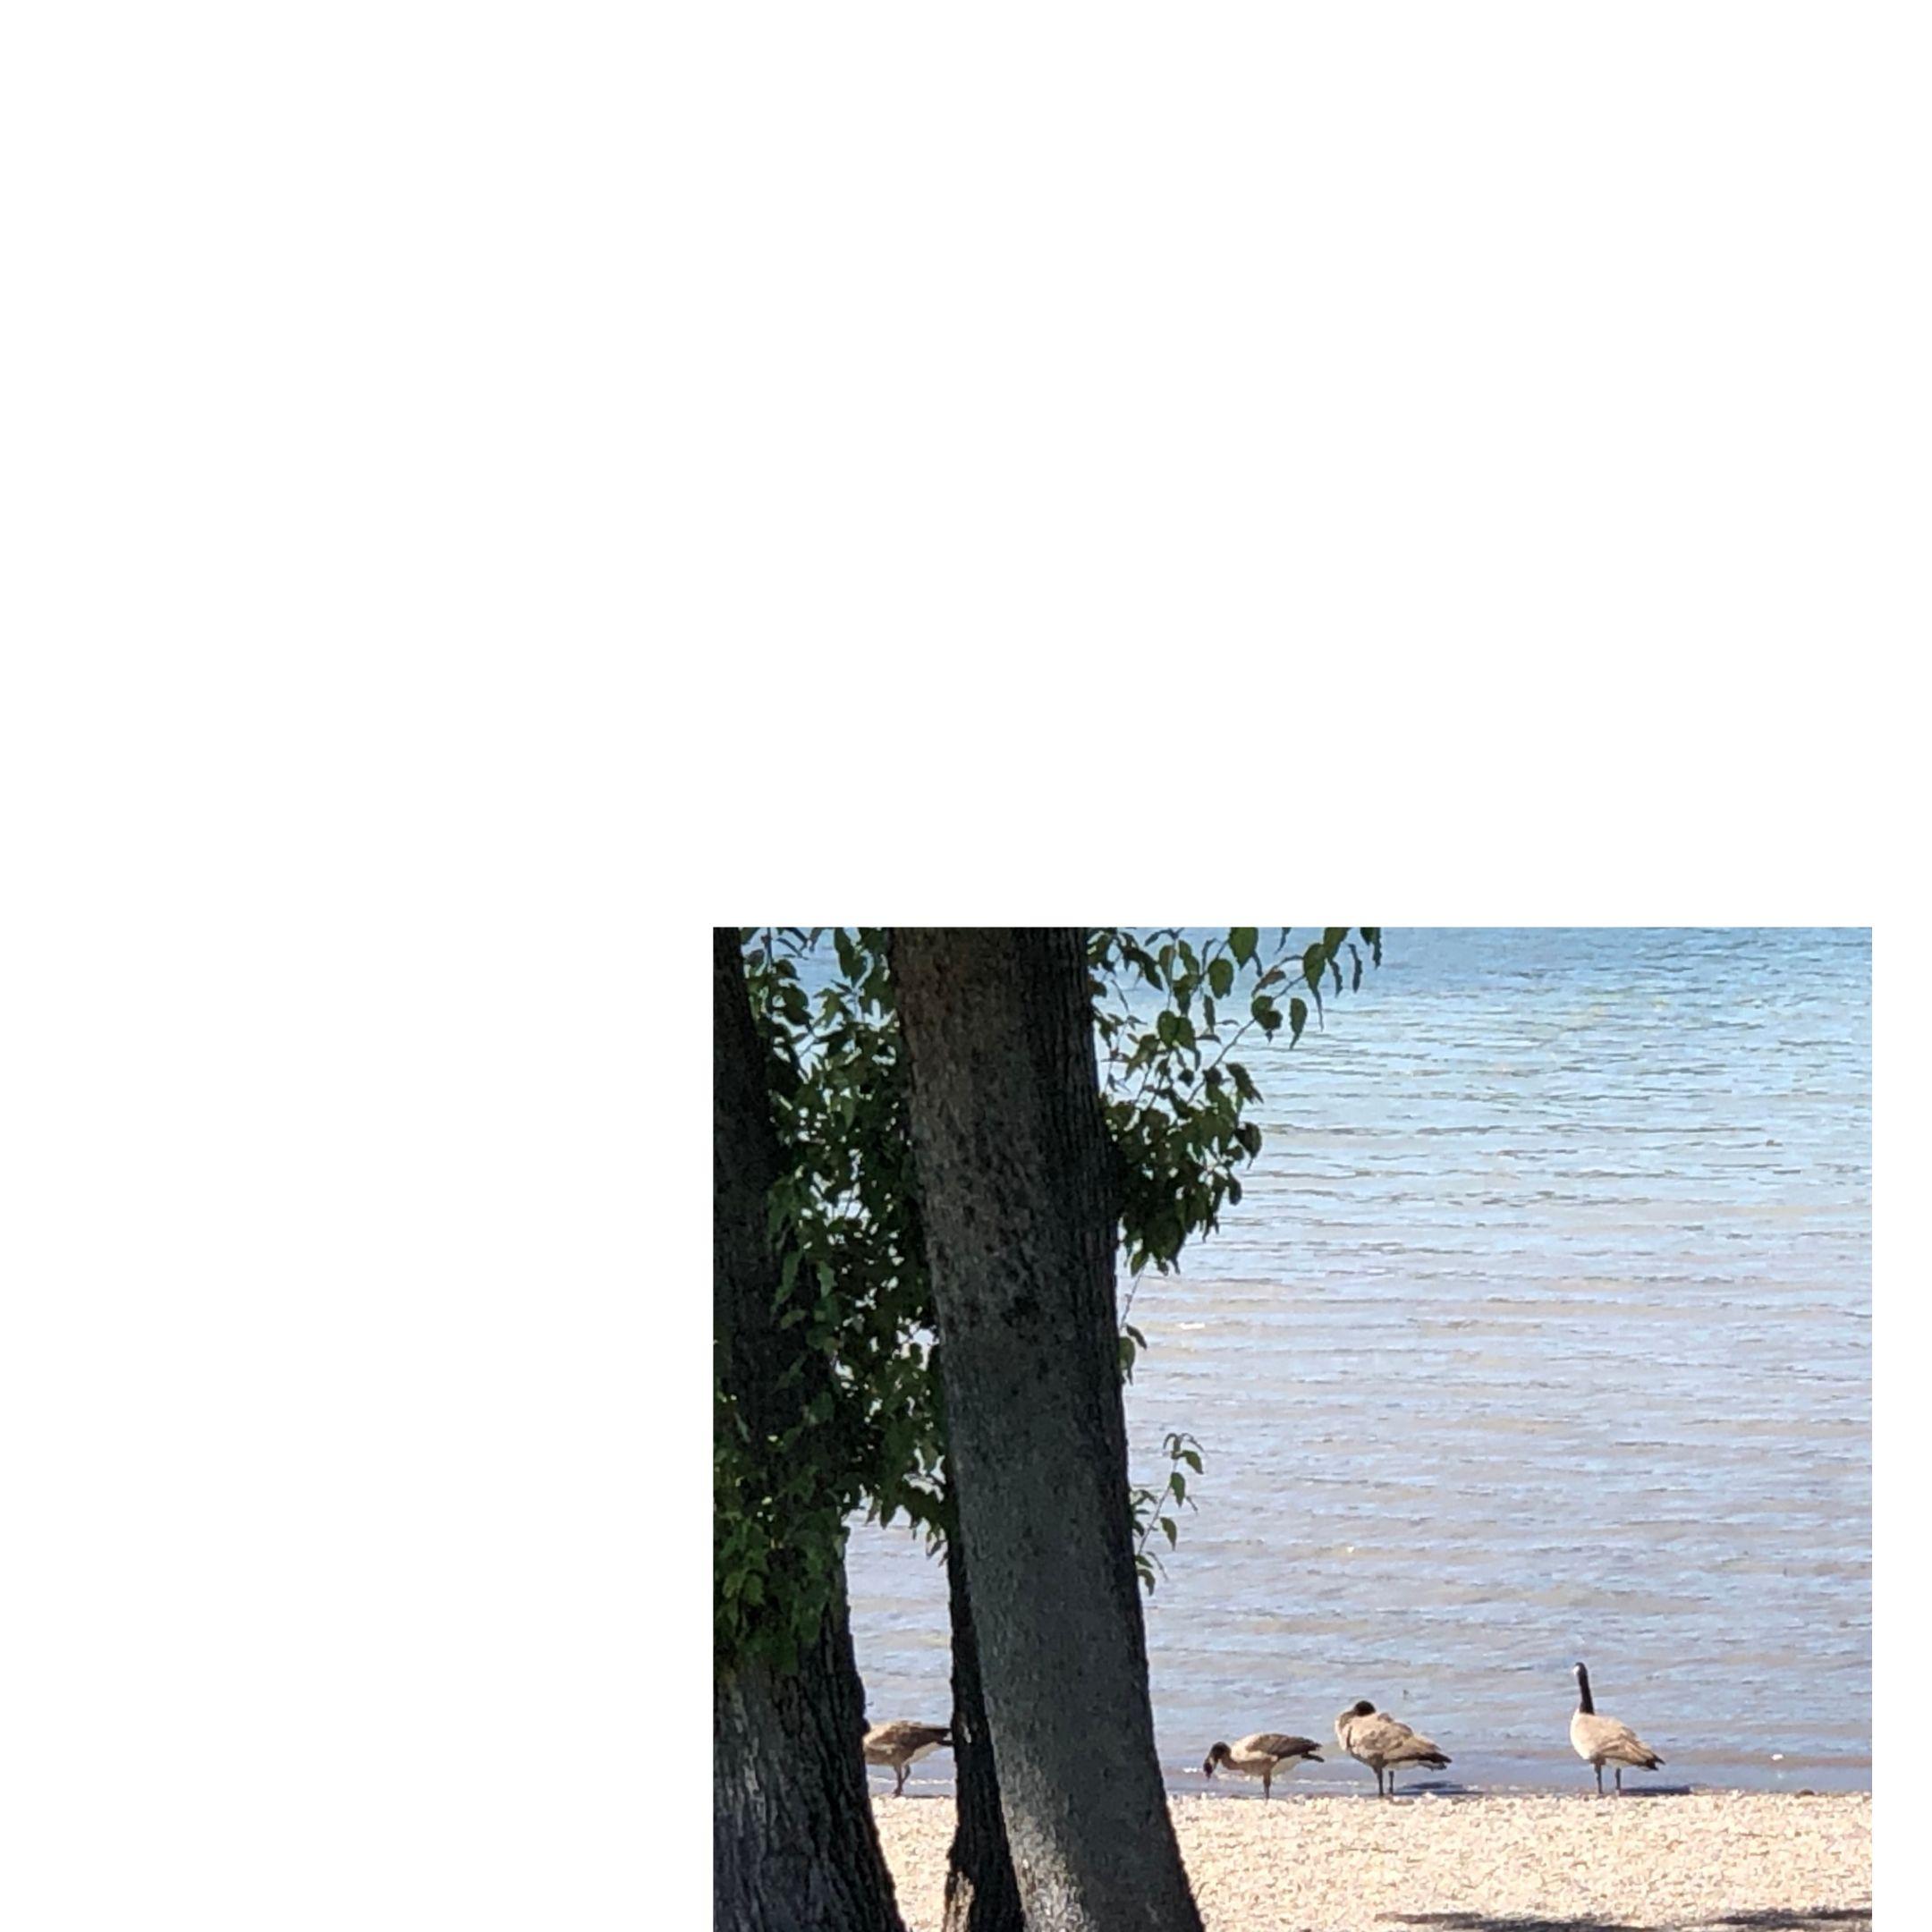 geese on a lake beach